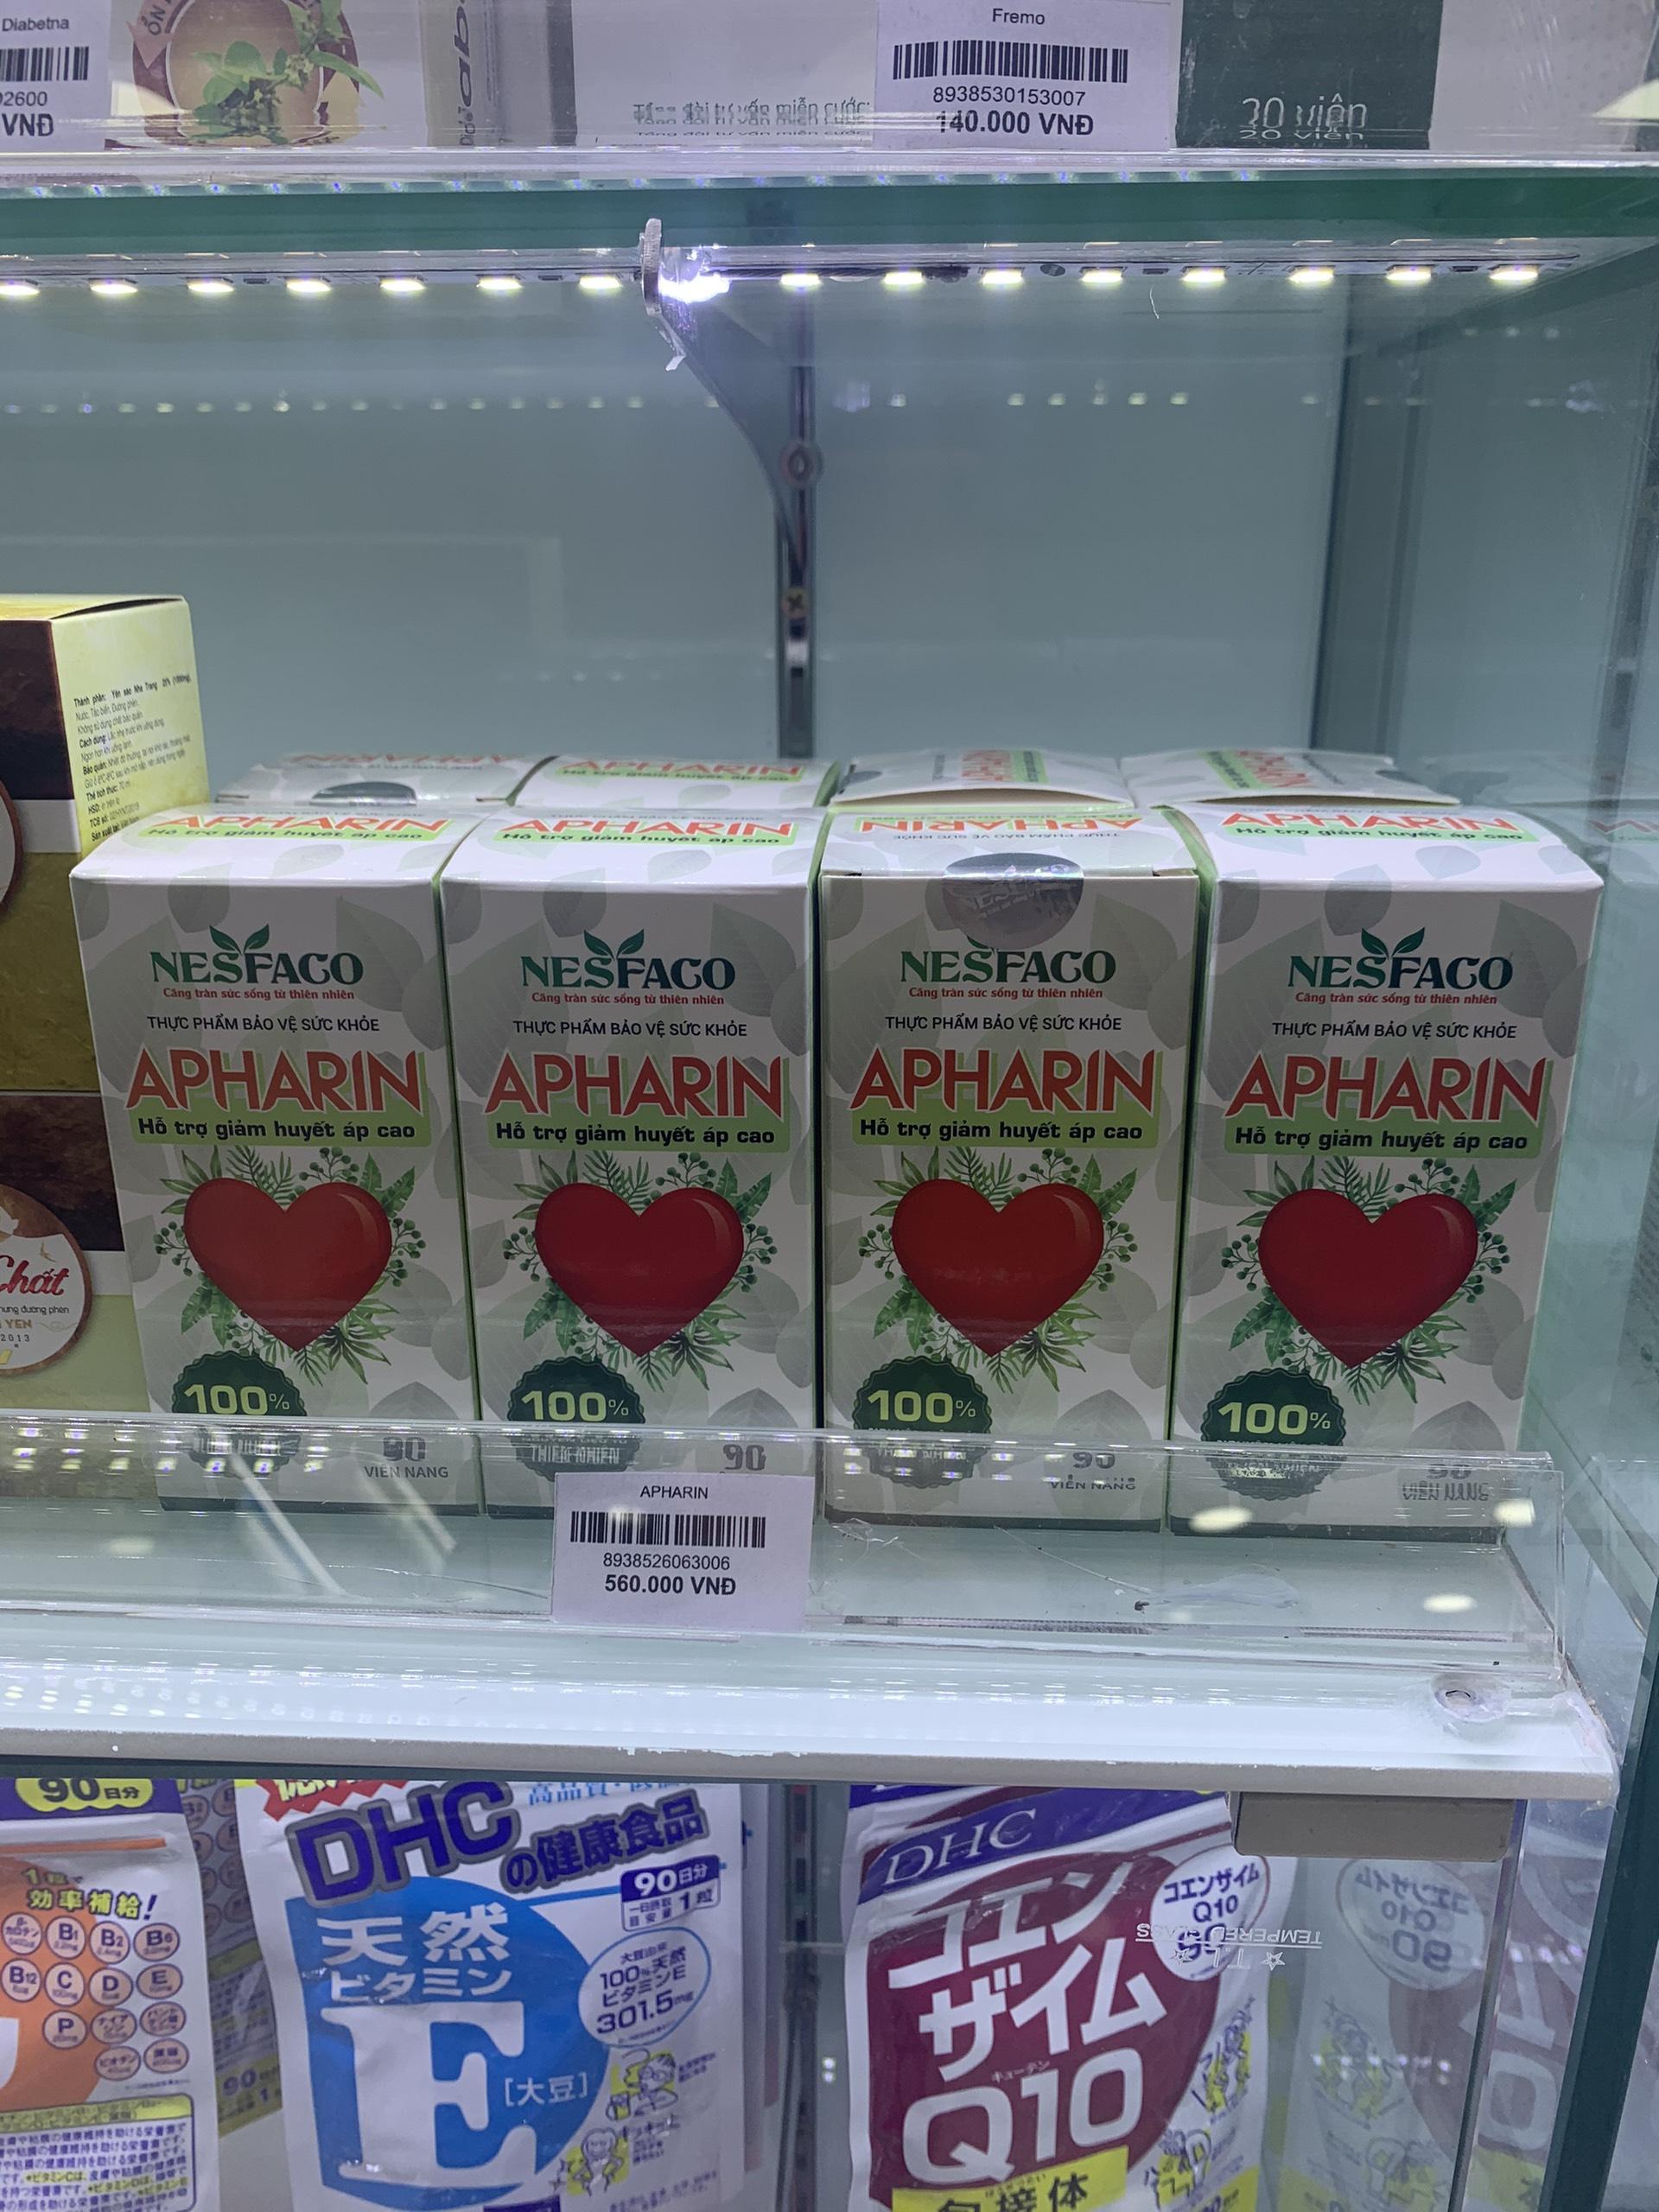 Viên Uống Apharin   Hỗ Trợ Ổn Định Huyết Áp   Hộp 90 Viên